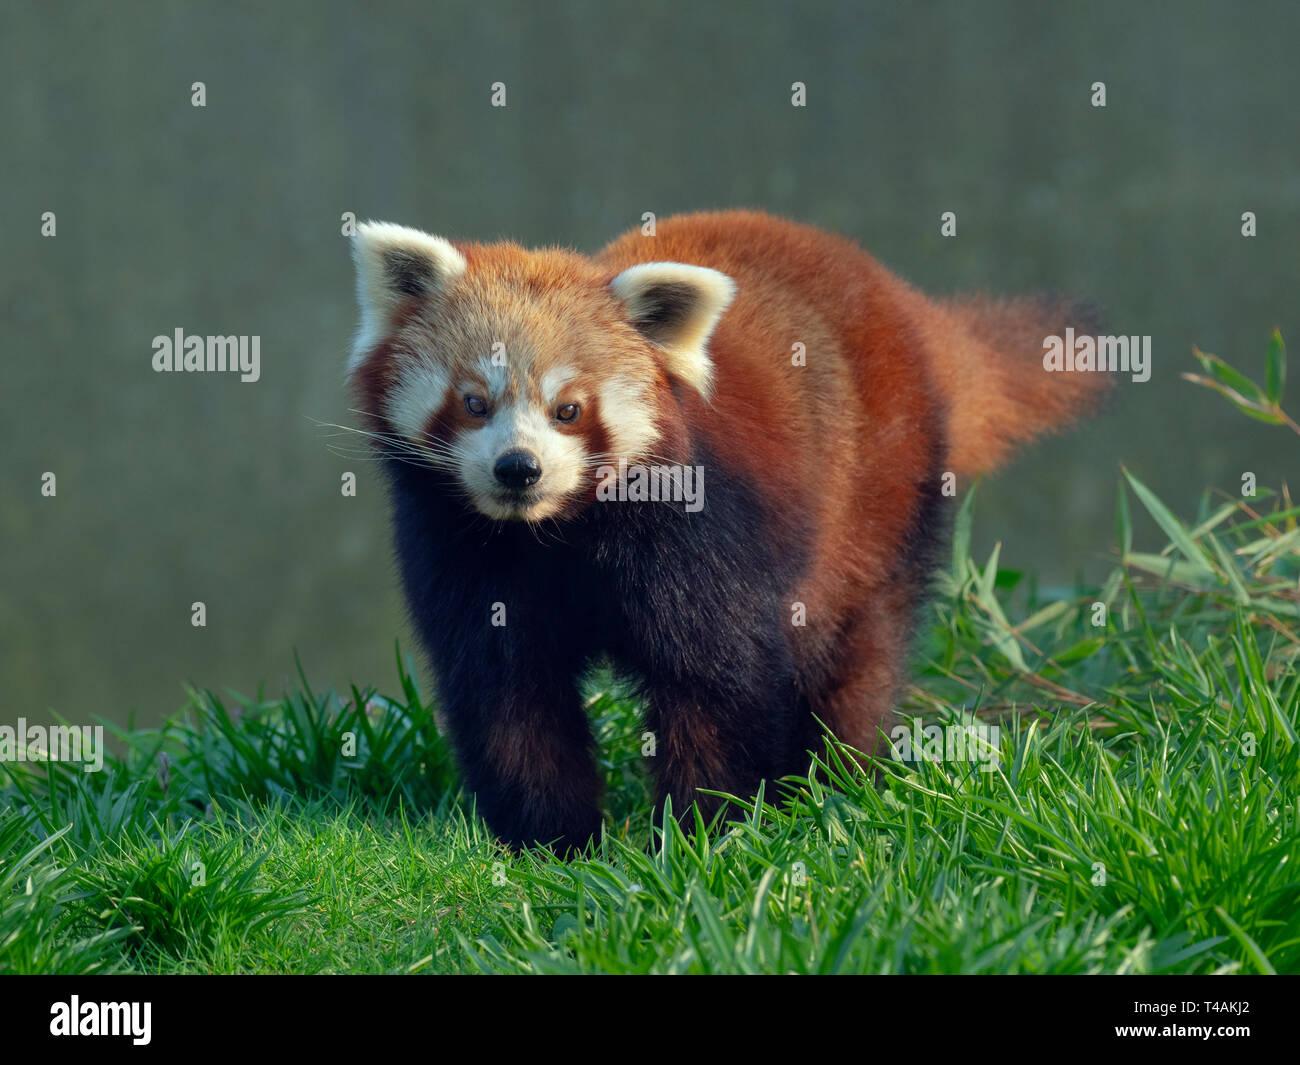 Red panda Ailurus fulgens  feeding on bamboo leaves captive portrait - Stock Image